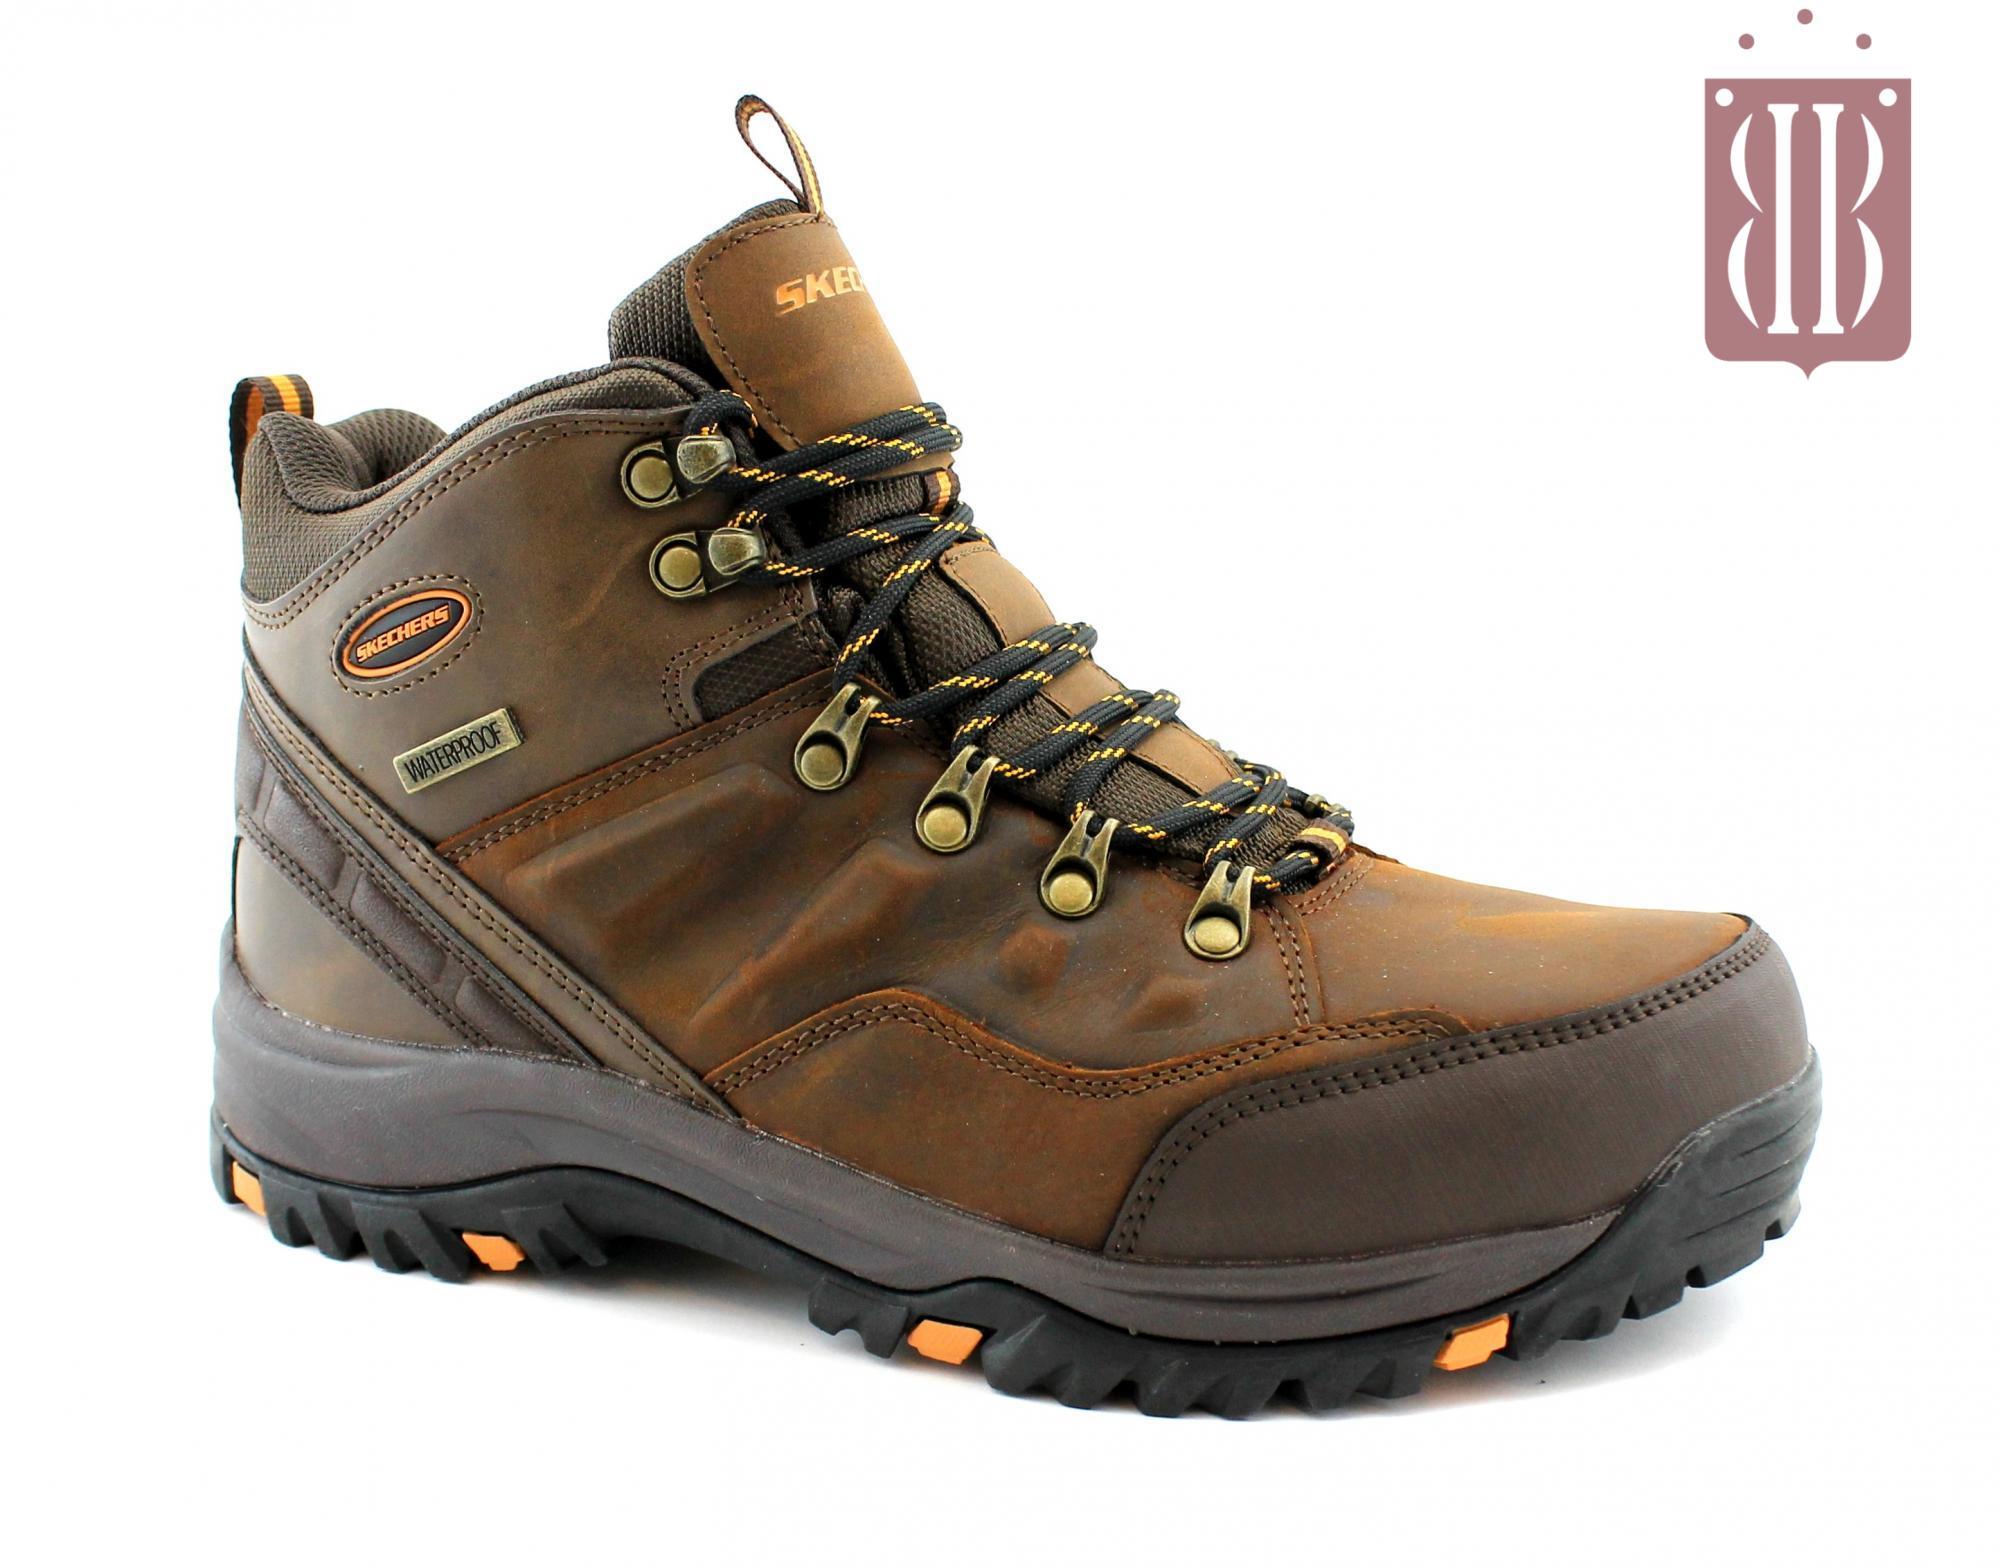 SKECHERS 65529 RELMENT TRAVEN dark brown marrone scarponcini uomo trail trekking memory foam lacci